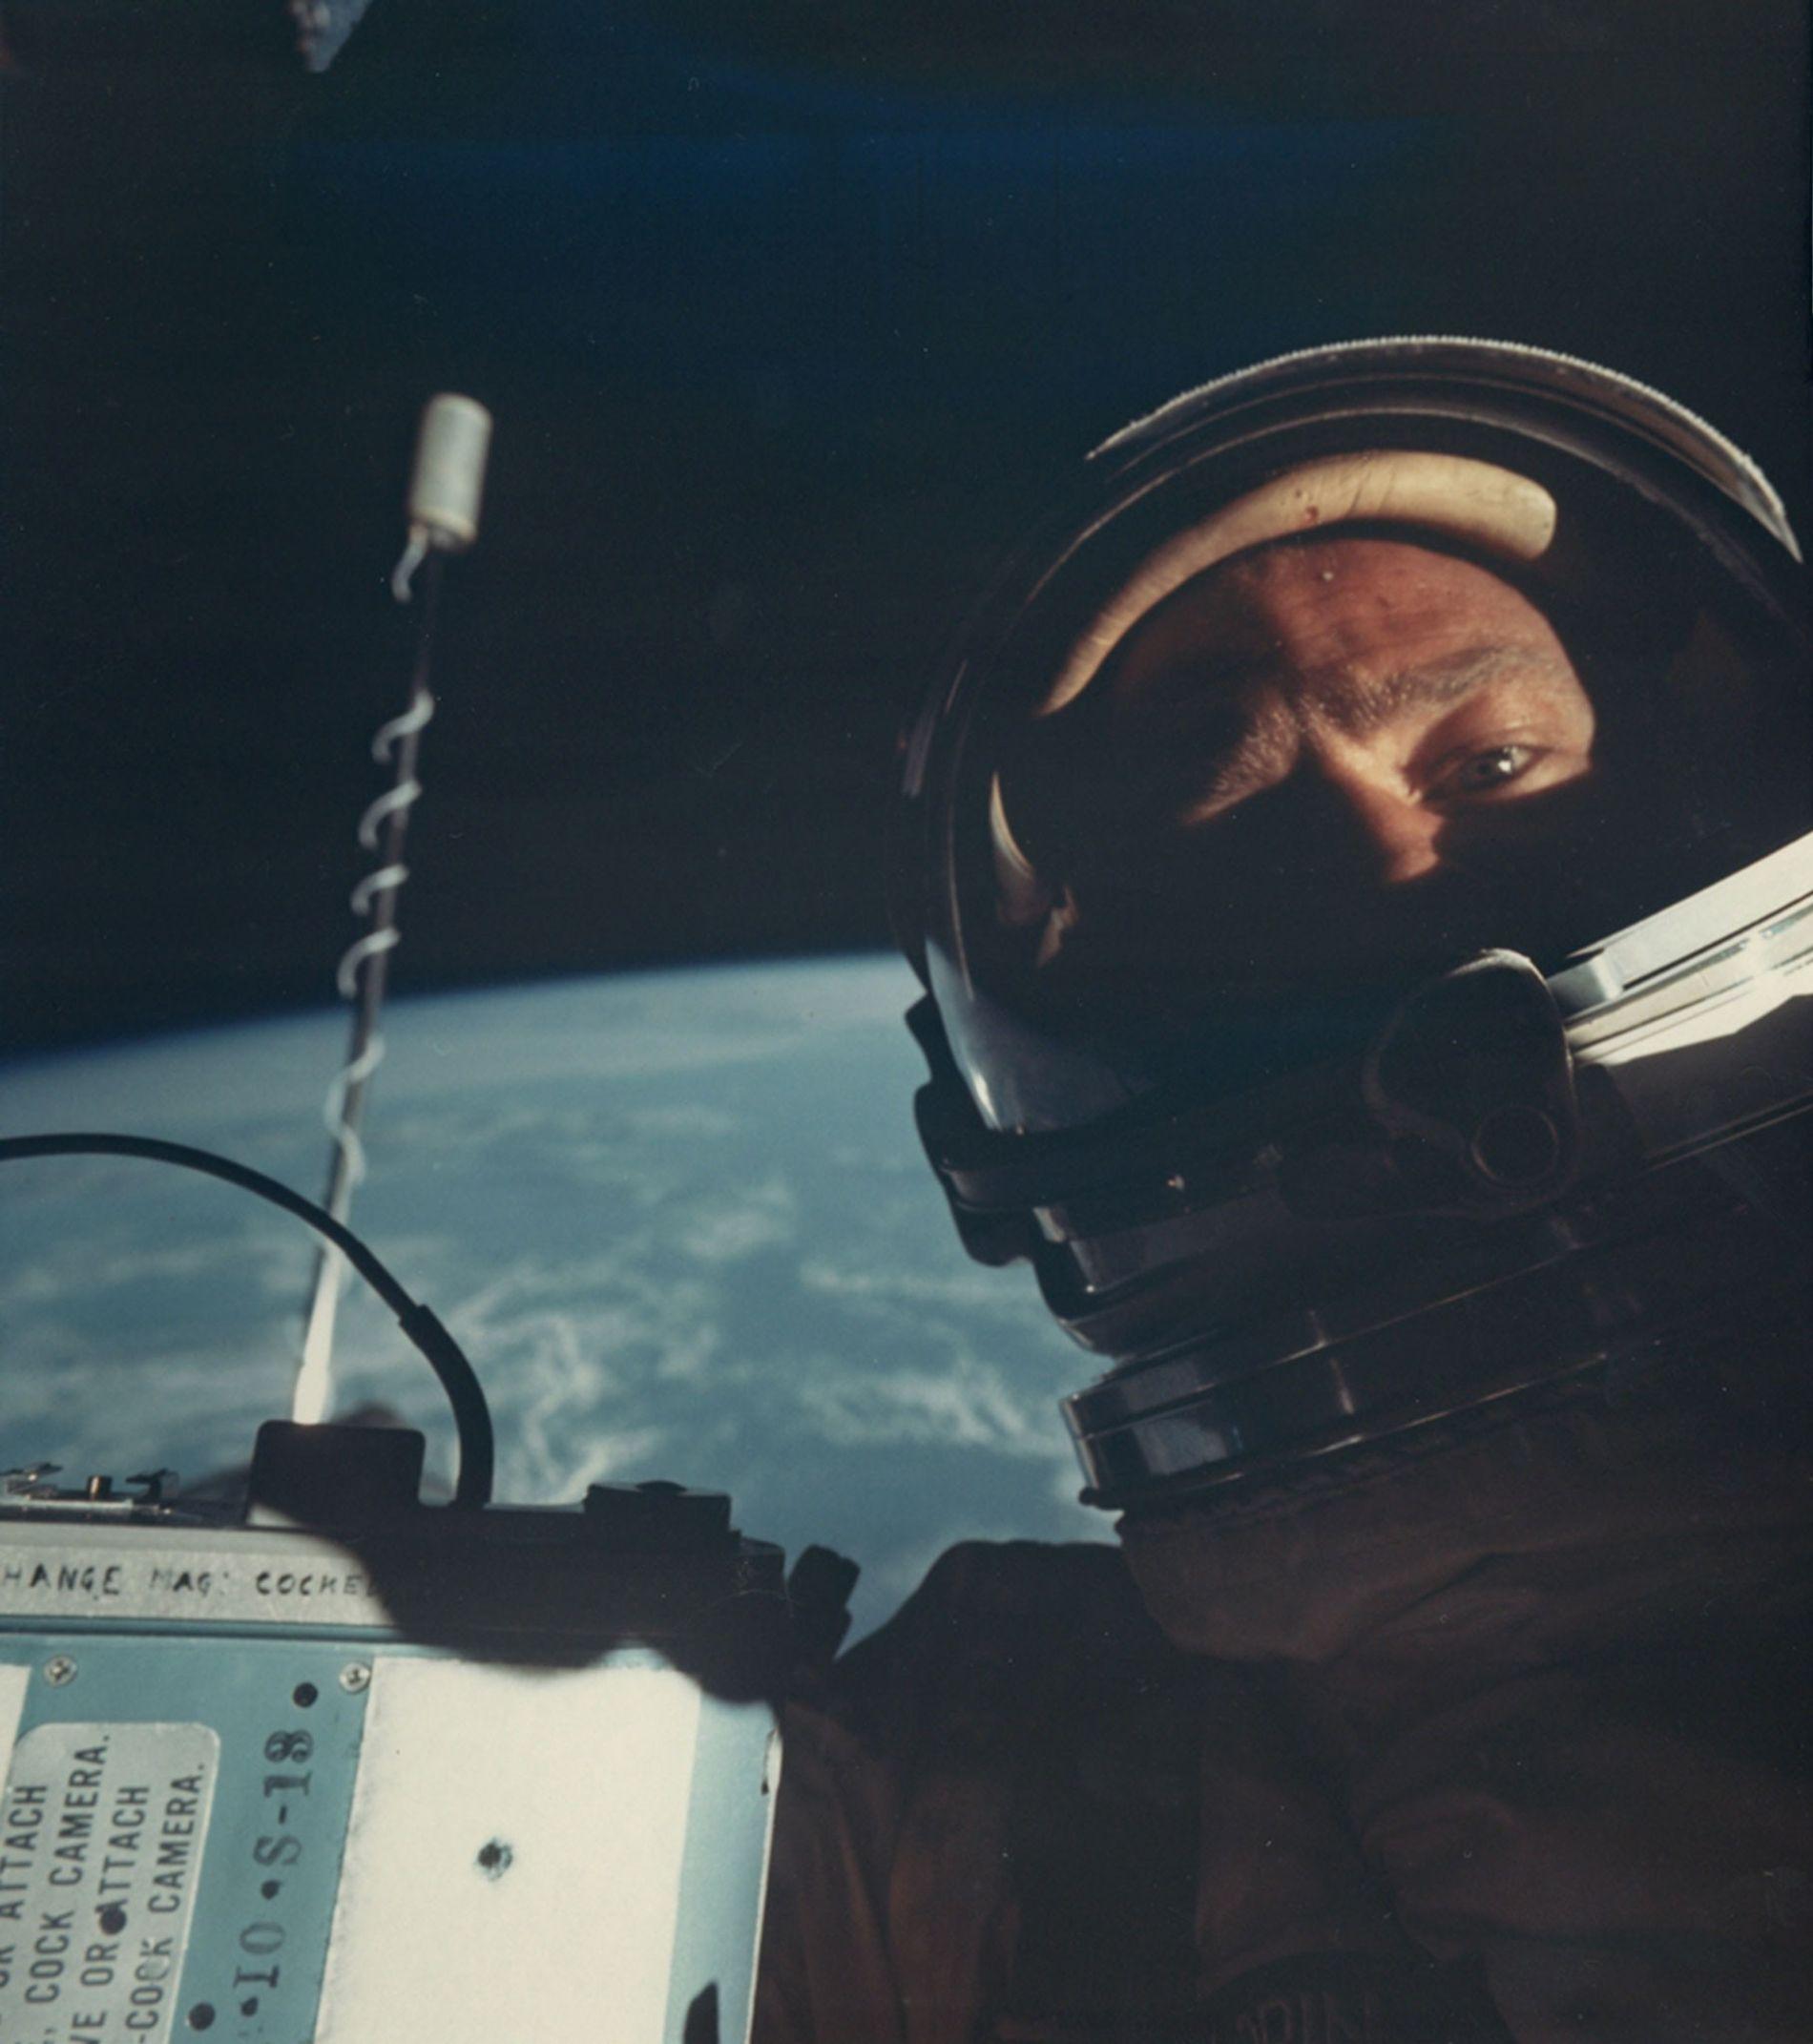 Durante la misión Gemini 12 de 1966, Buzz Aldrin se convirtió en la primera persona en hacerse un selfie espacial.